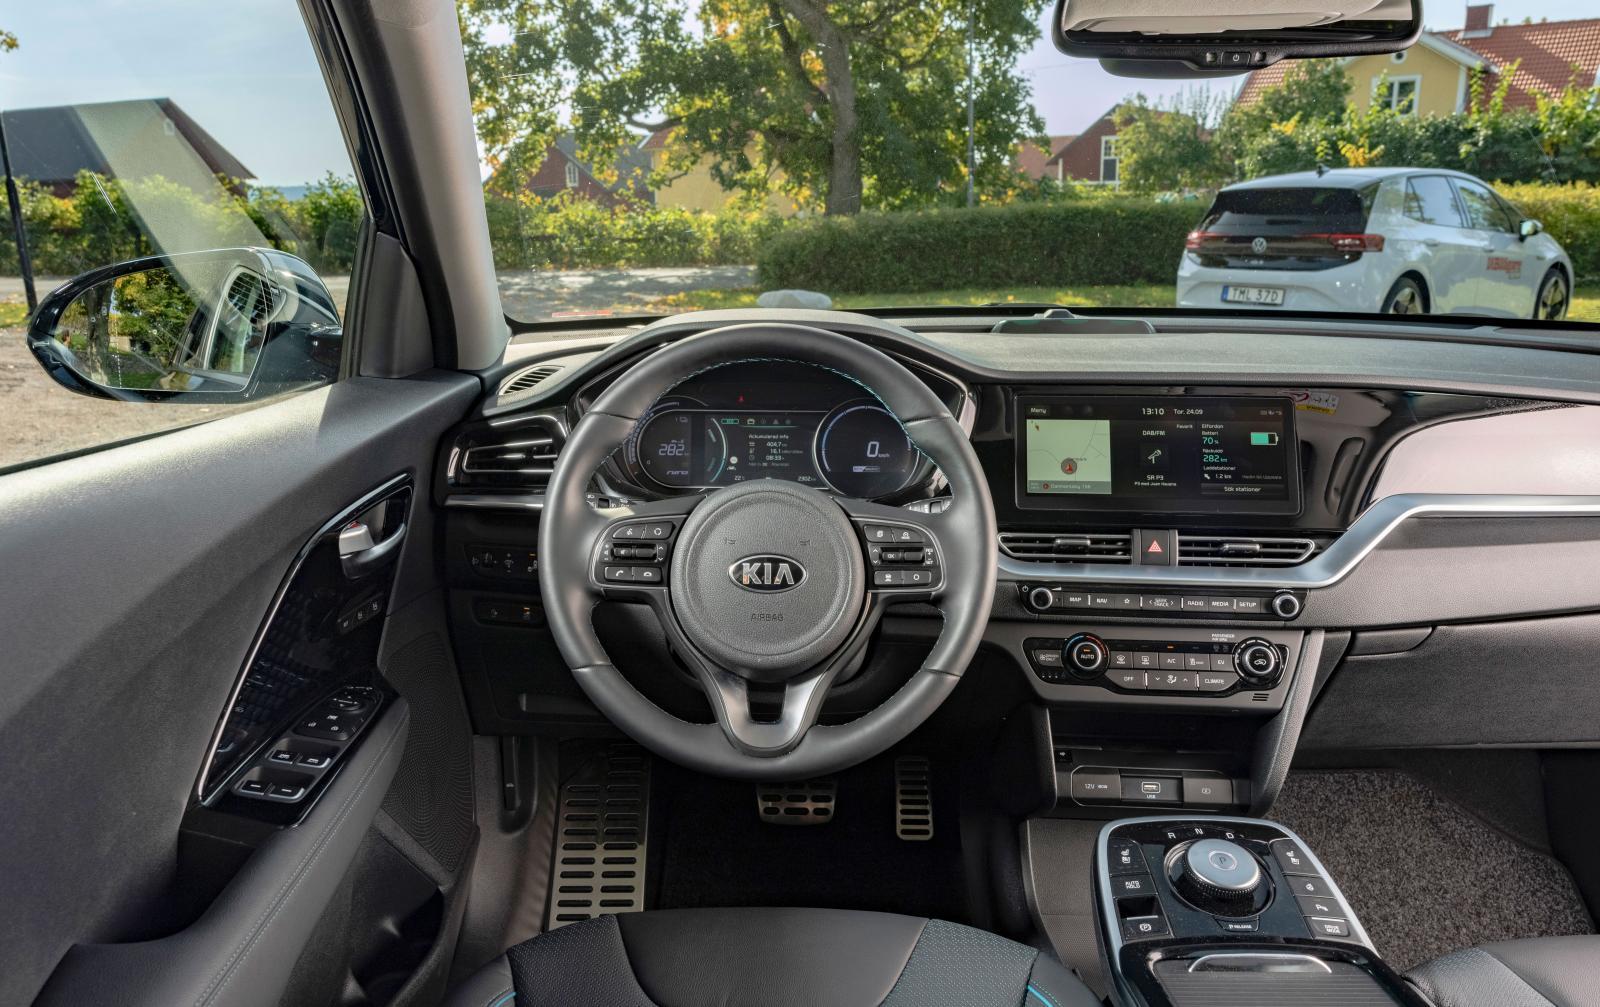 KIA: Mer konventionella former än kusin Hyundai och med ännu bättre och enklare skötsel överlag. Tacka riktiga knappar för det! Växelväljare med vred.